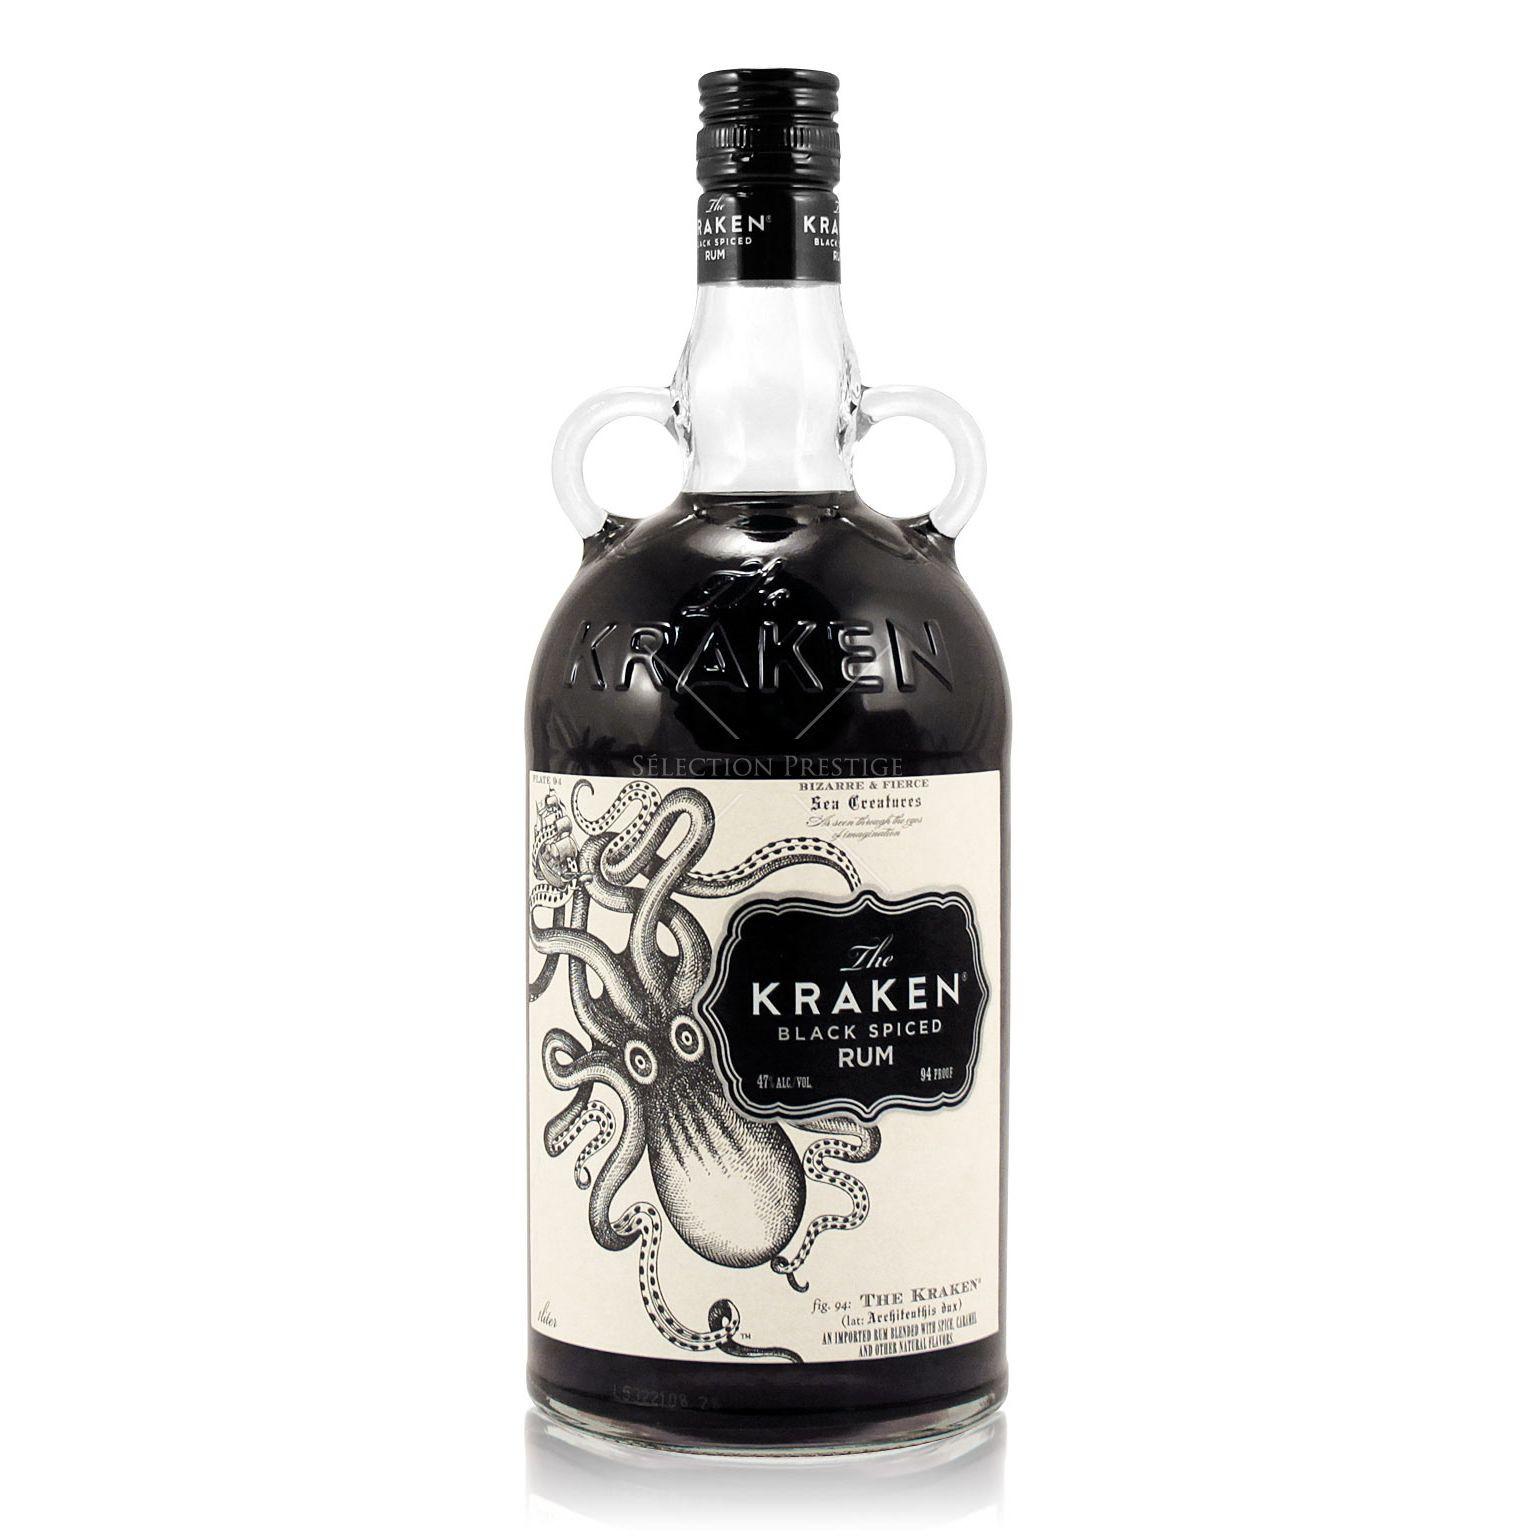 Kraken Rum Drinks  The Kraken Black Spiced Rum 1 0L Vol The Kraken Rum